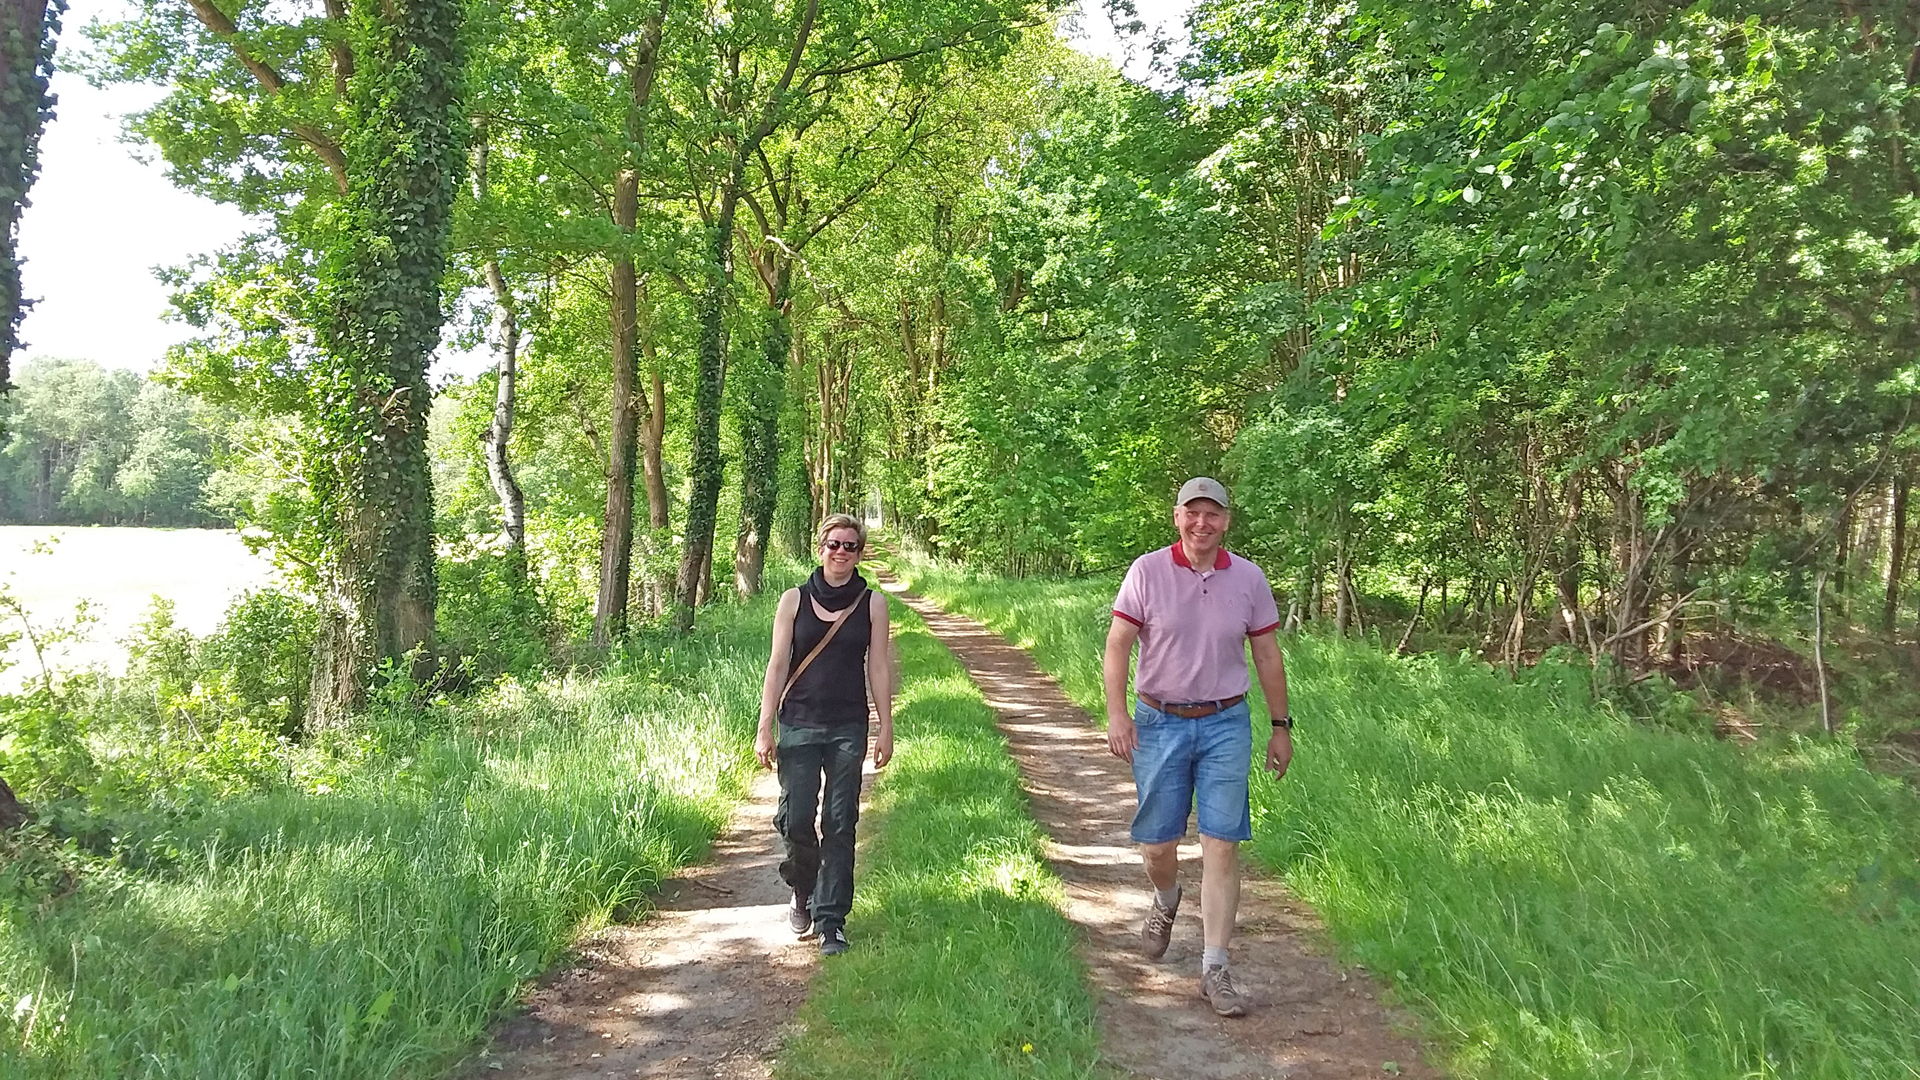 Entspanntes Wandern durch schattige Wälder am Naturschutzgebiet Glindbusch